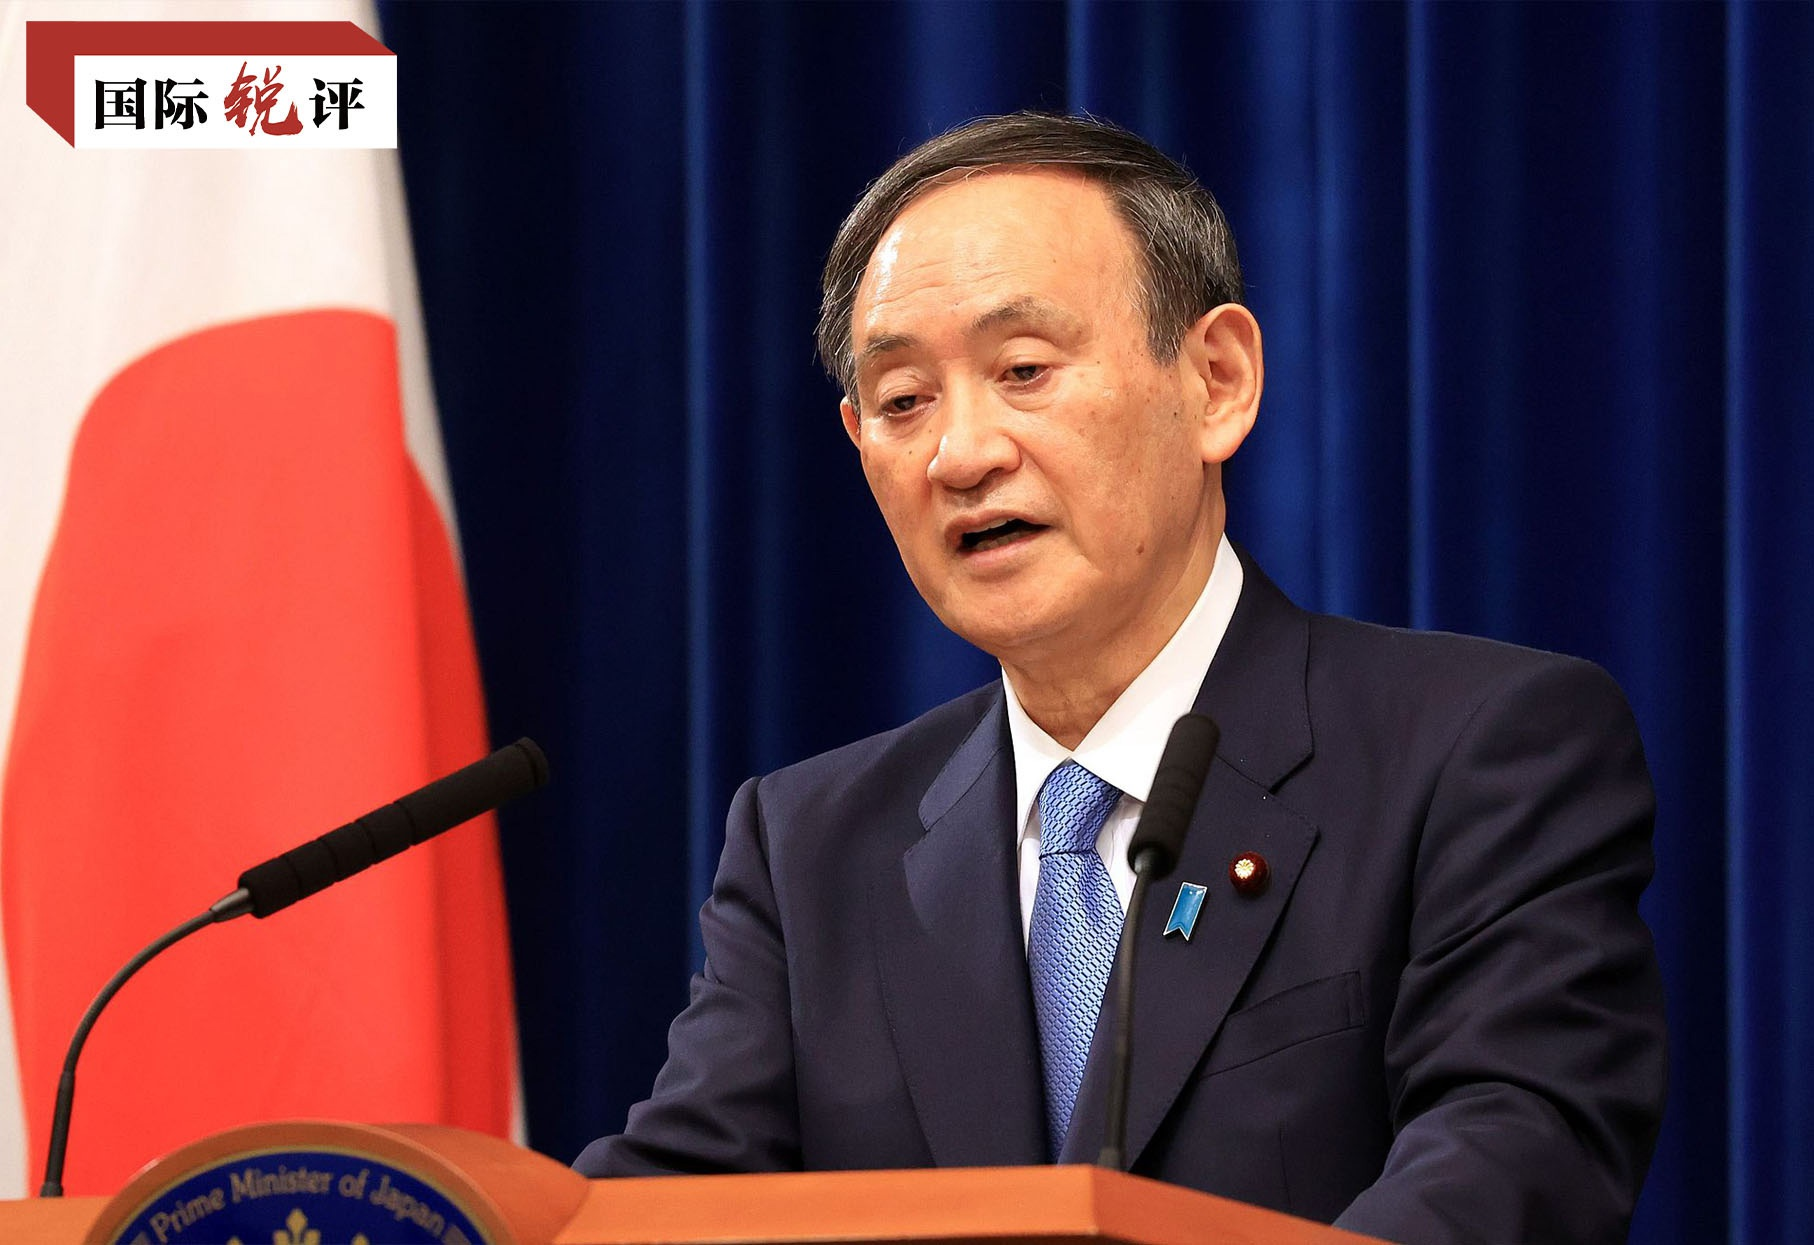 国际锐评:日本对华外交正步入歧途